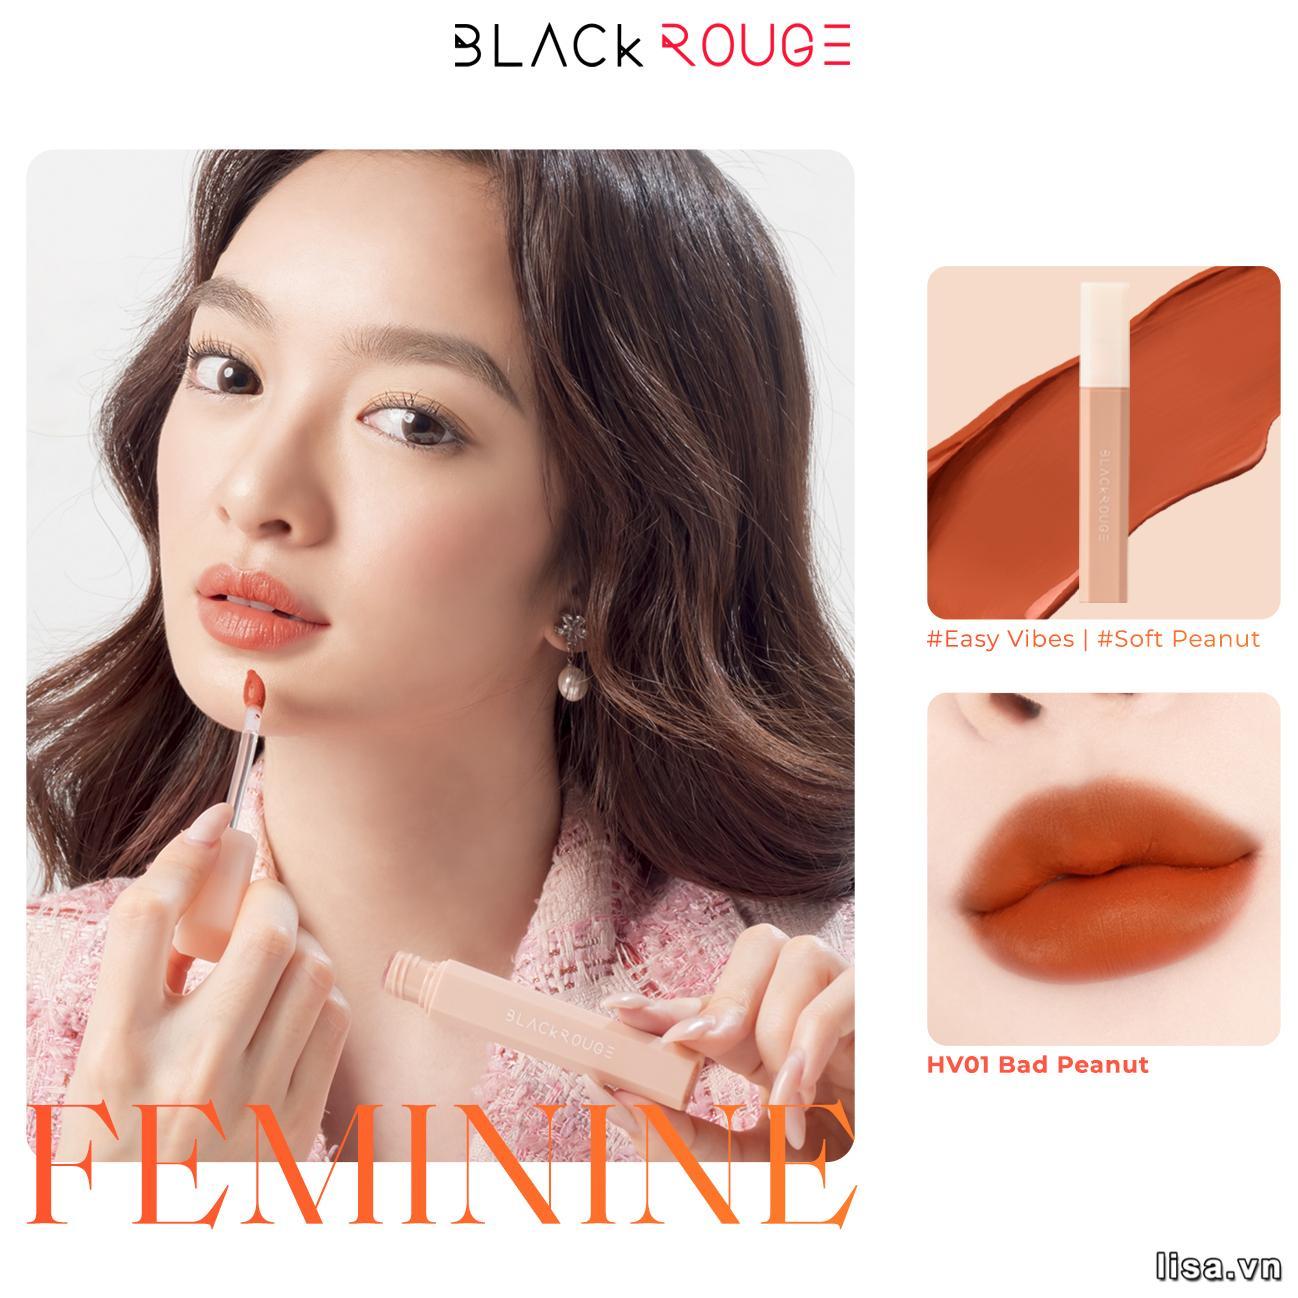 Son Black Rouge Half N Half Màu HV01 Bad Peanut sở hữu tone cam nude đẹp bá cháy